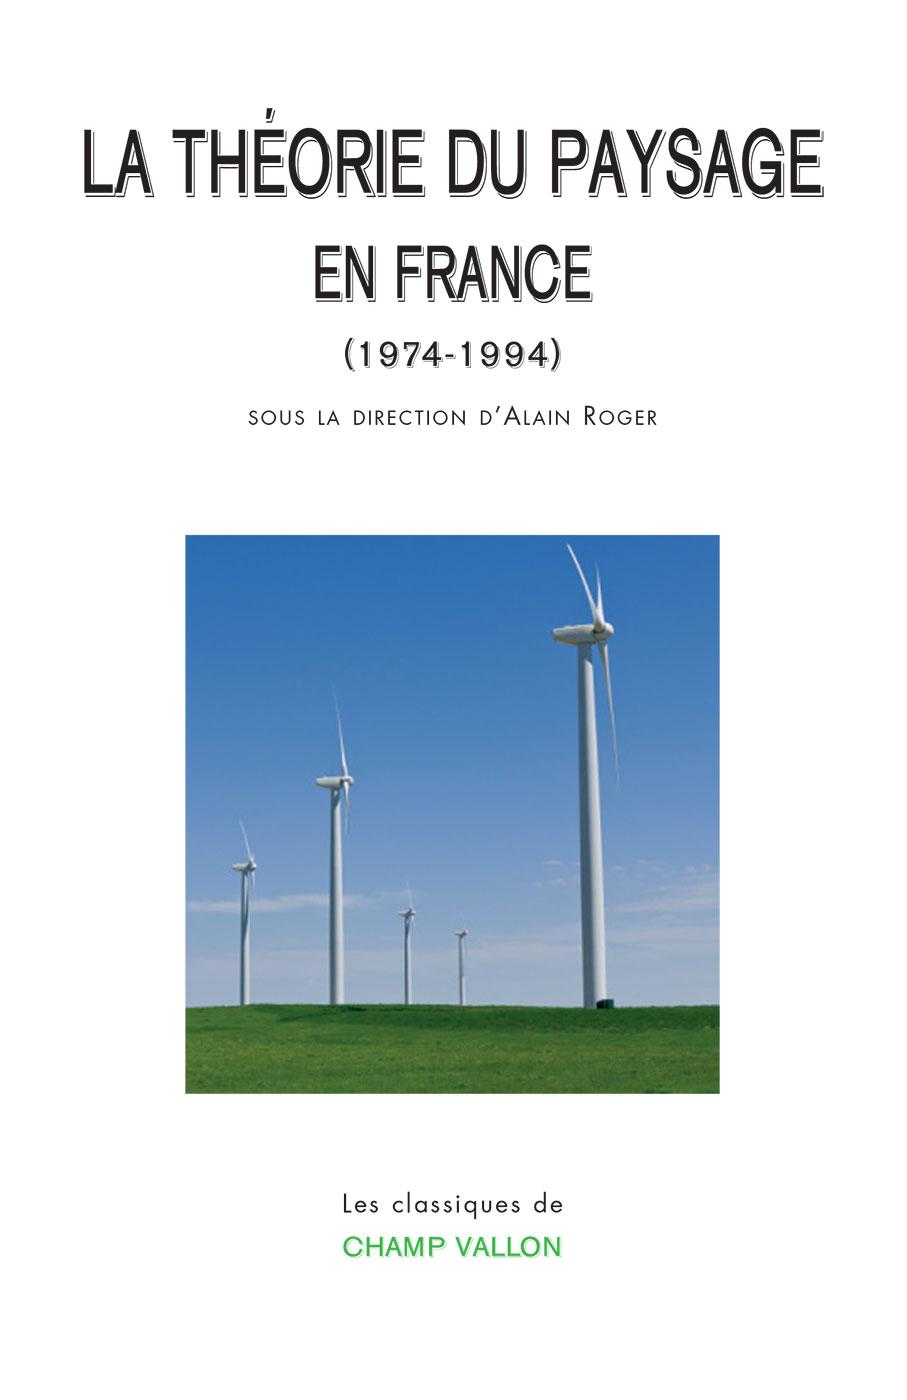 La théorie du paysage en France